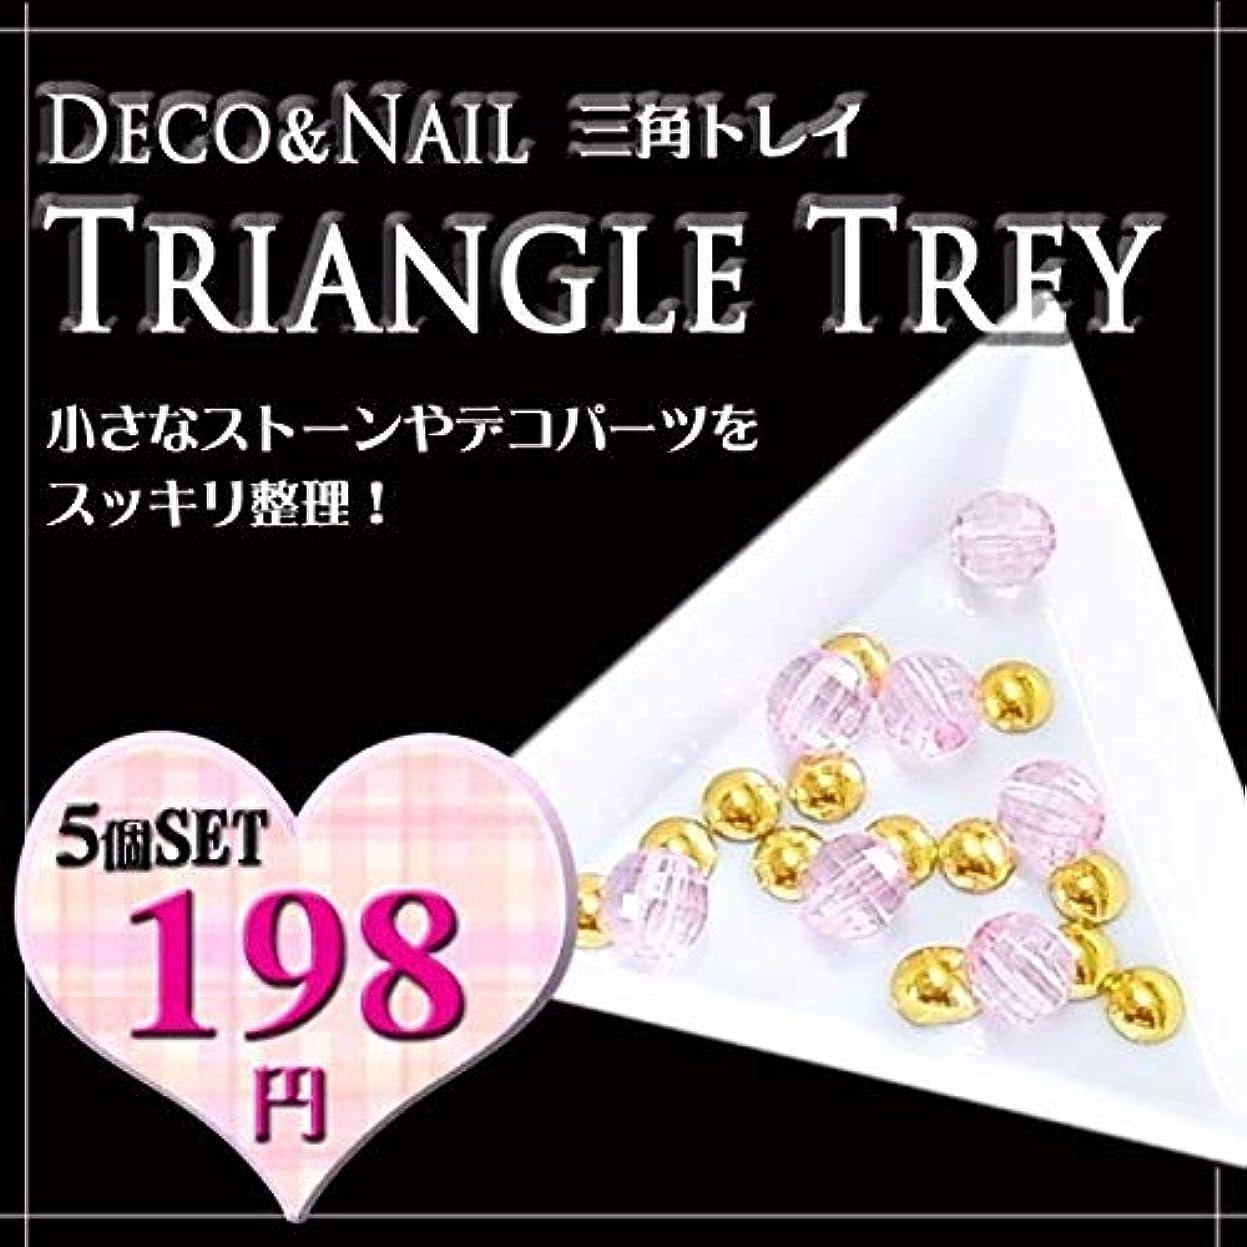 特許詩道に迷いました三角トレイ 5個セット